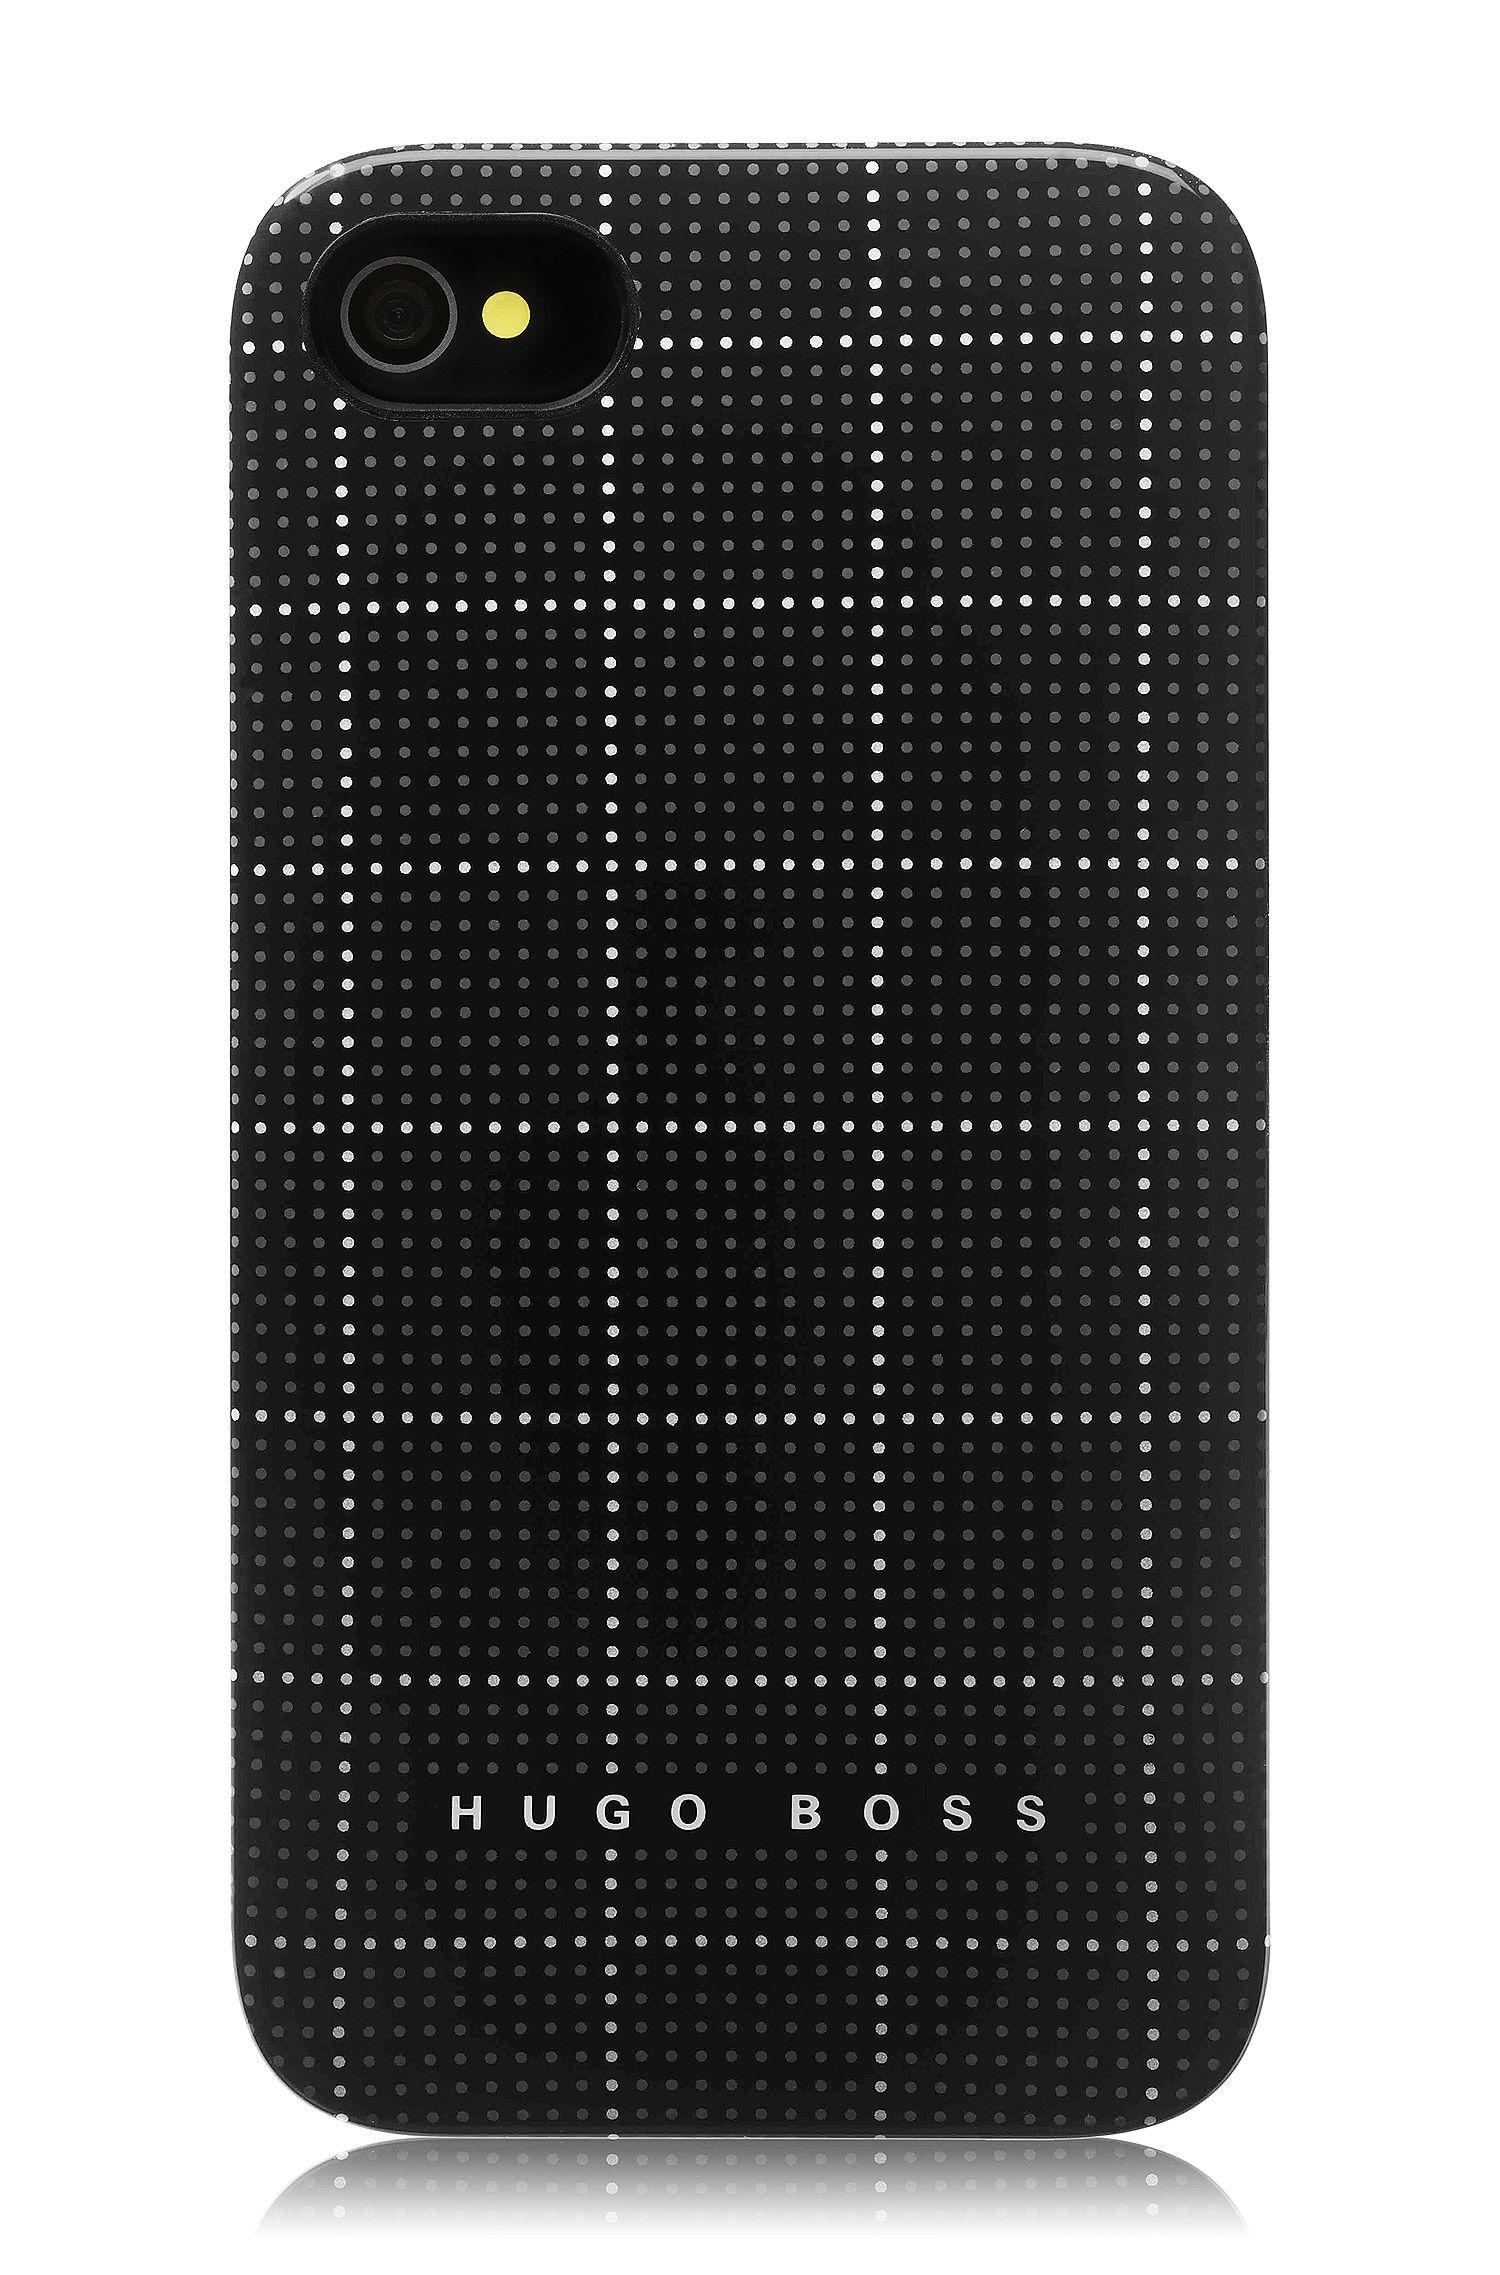 Coque rigide pour iPhone 4/4S, Squares Black